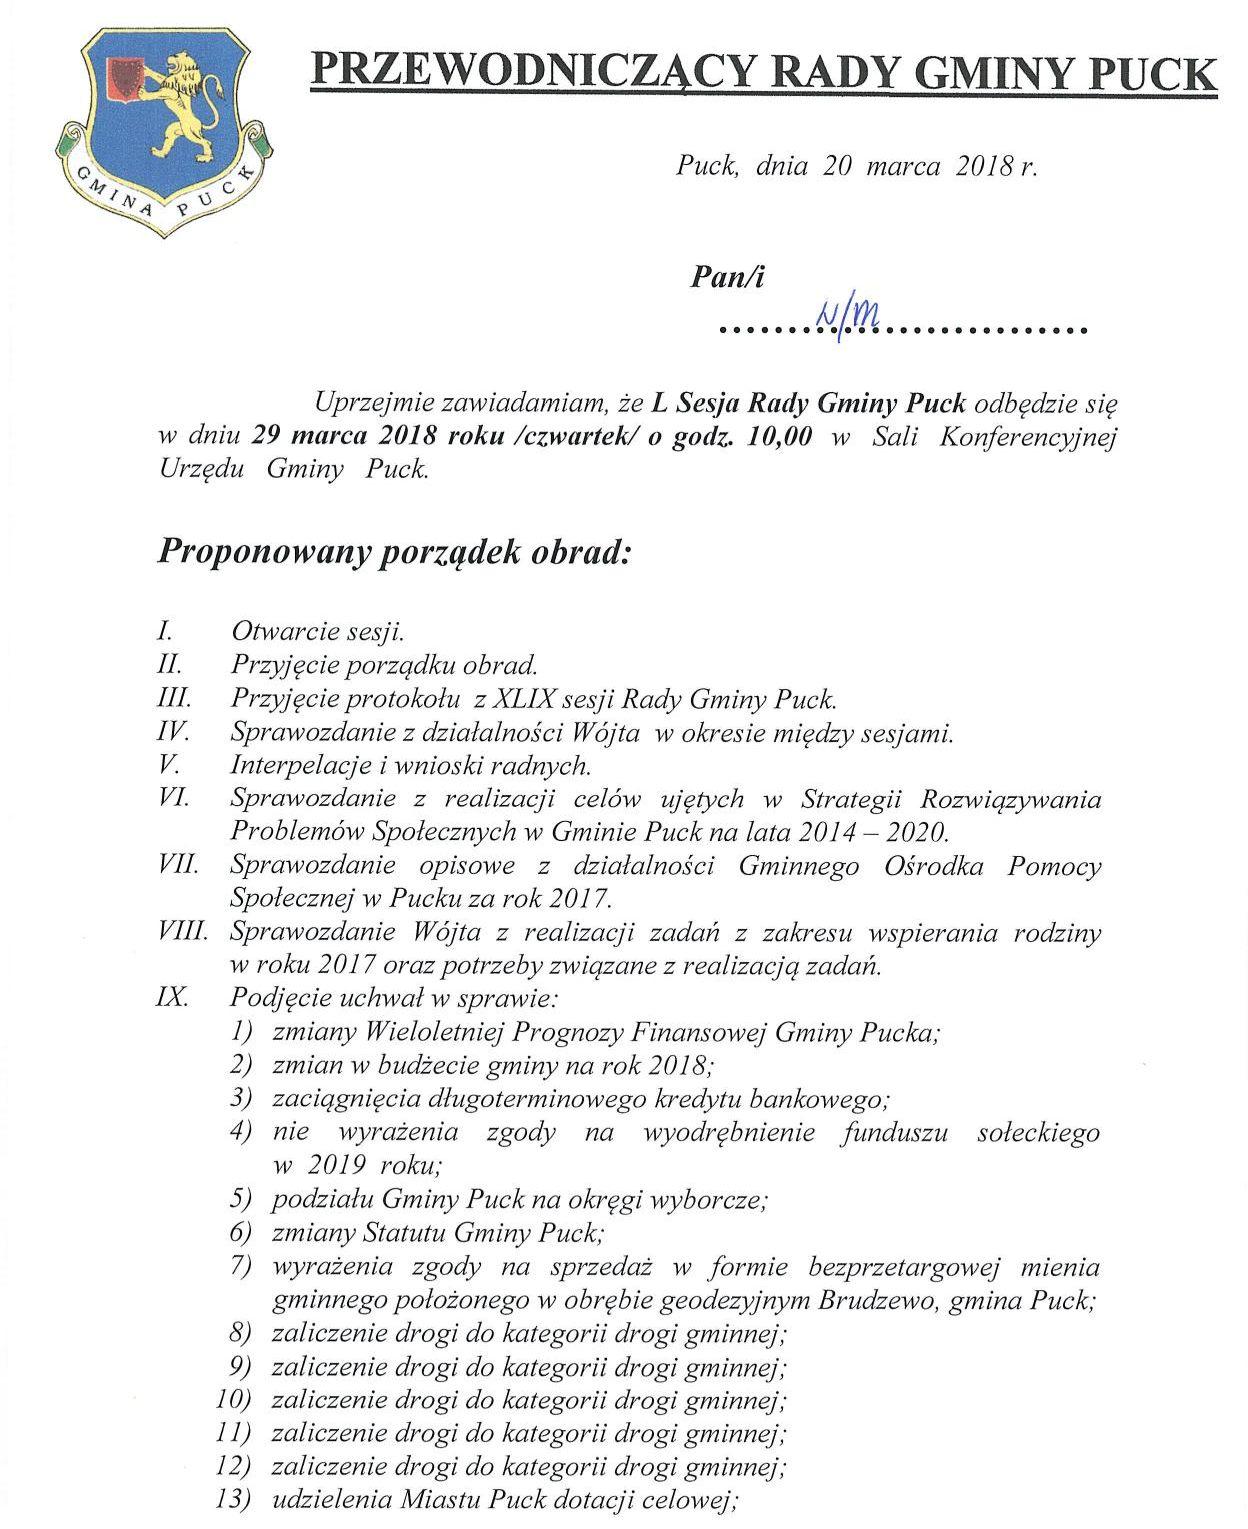 Proponowany porządek obrad L sesji Rady Gminy Puck - dnia 29 marca 2018 roku_01